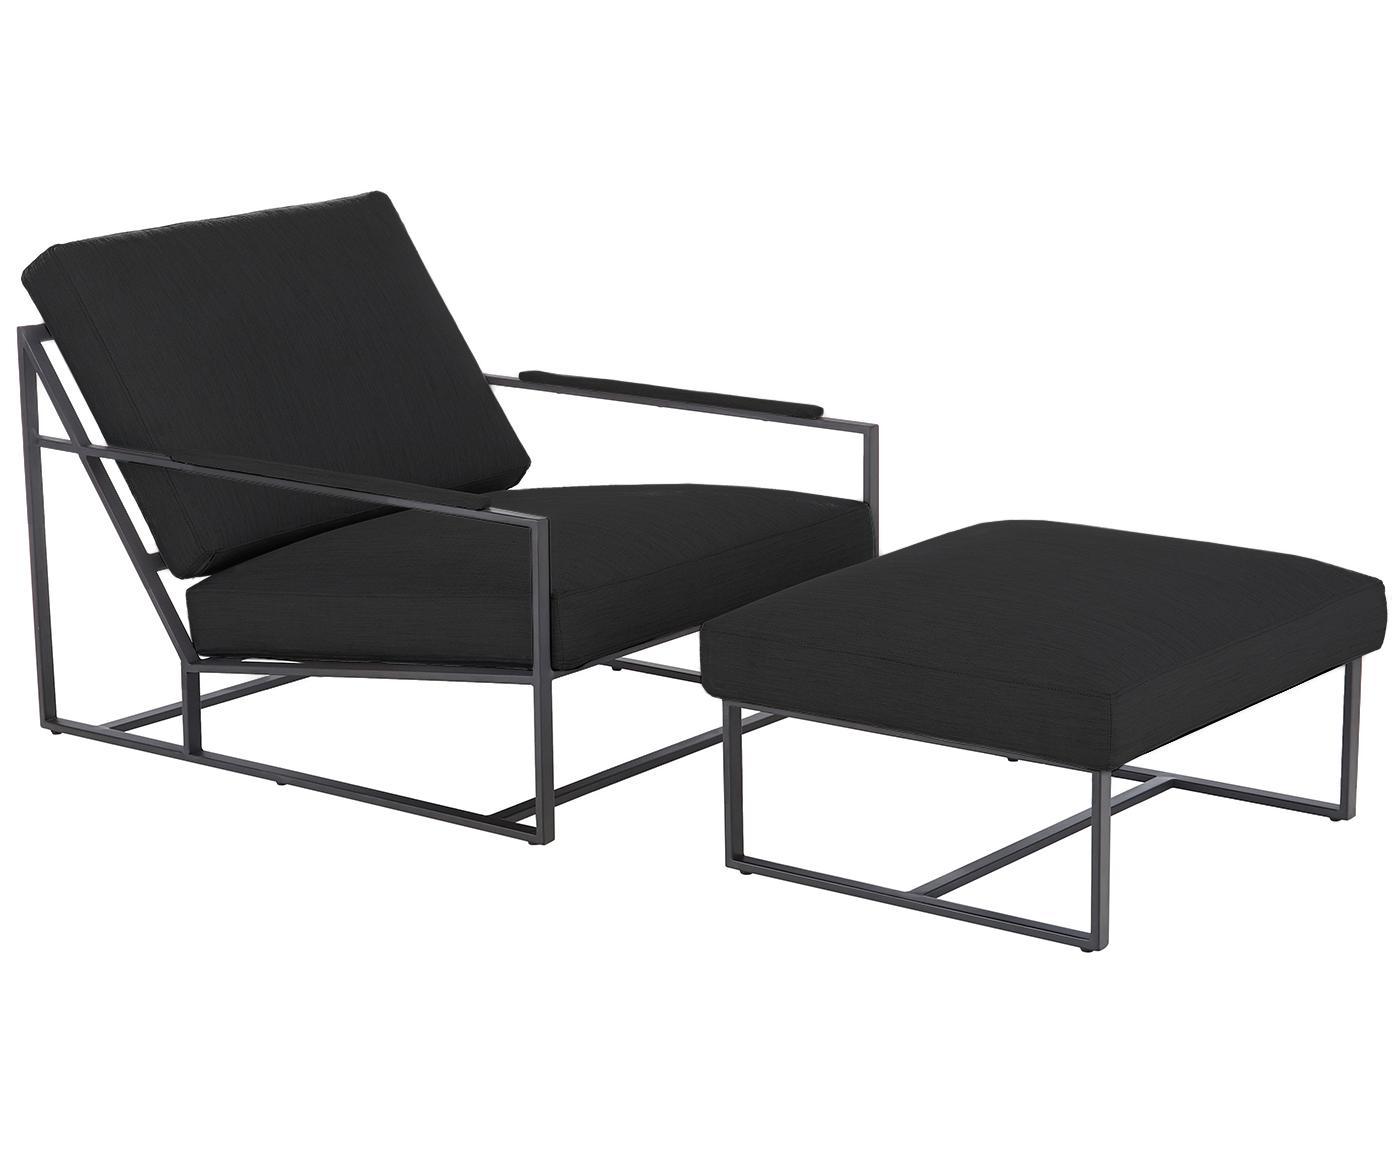 Lounge-Set Andy, 2-tlg. mit Metall-Gestell, Webstoff Anthrazit, Sondergrößen